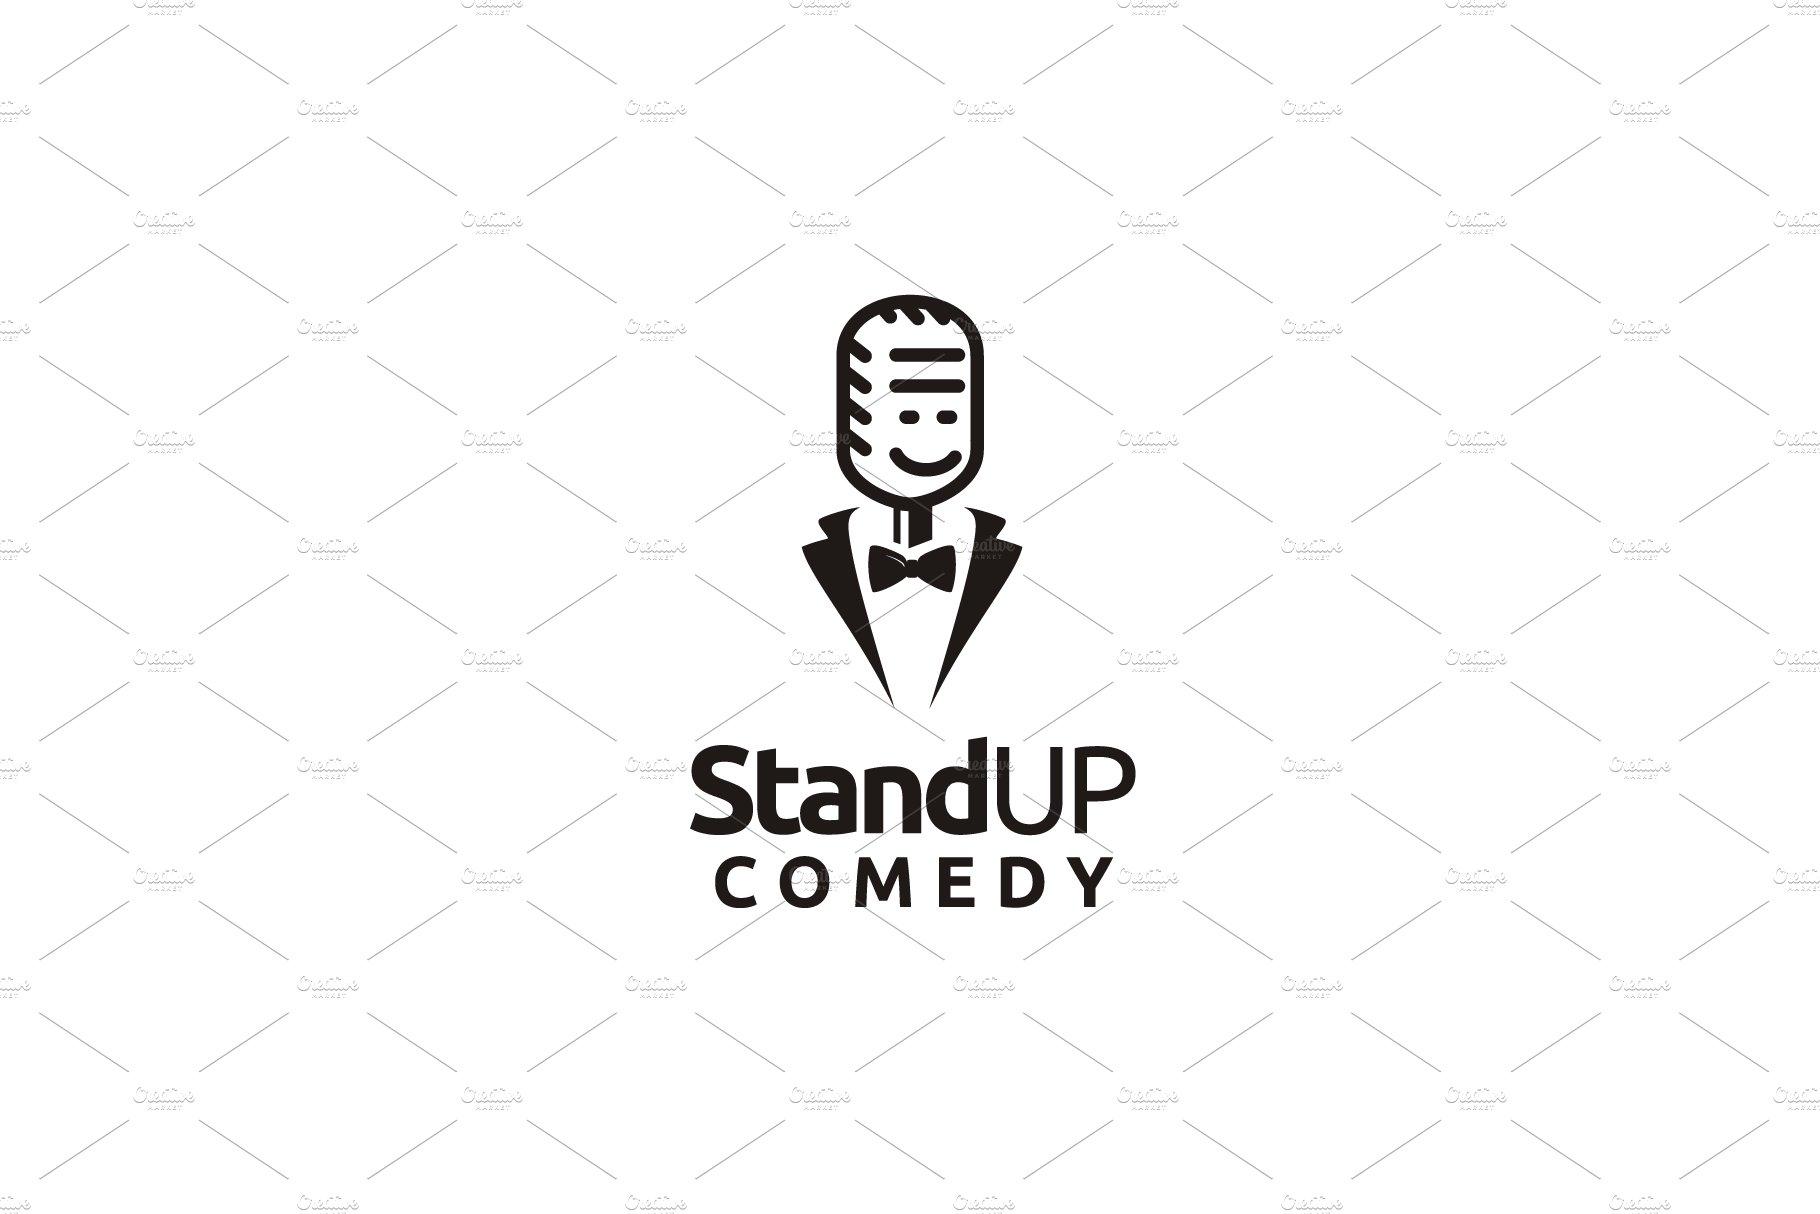 Stand Up Comedy logo design.